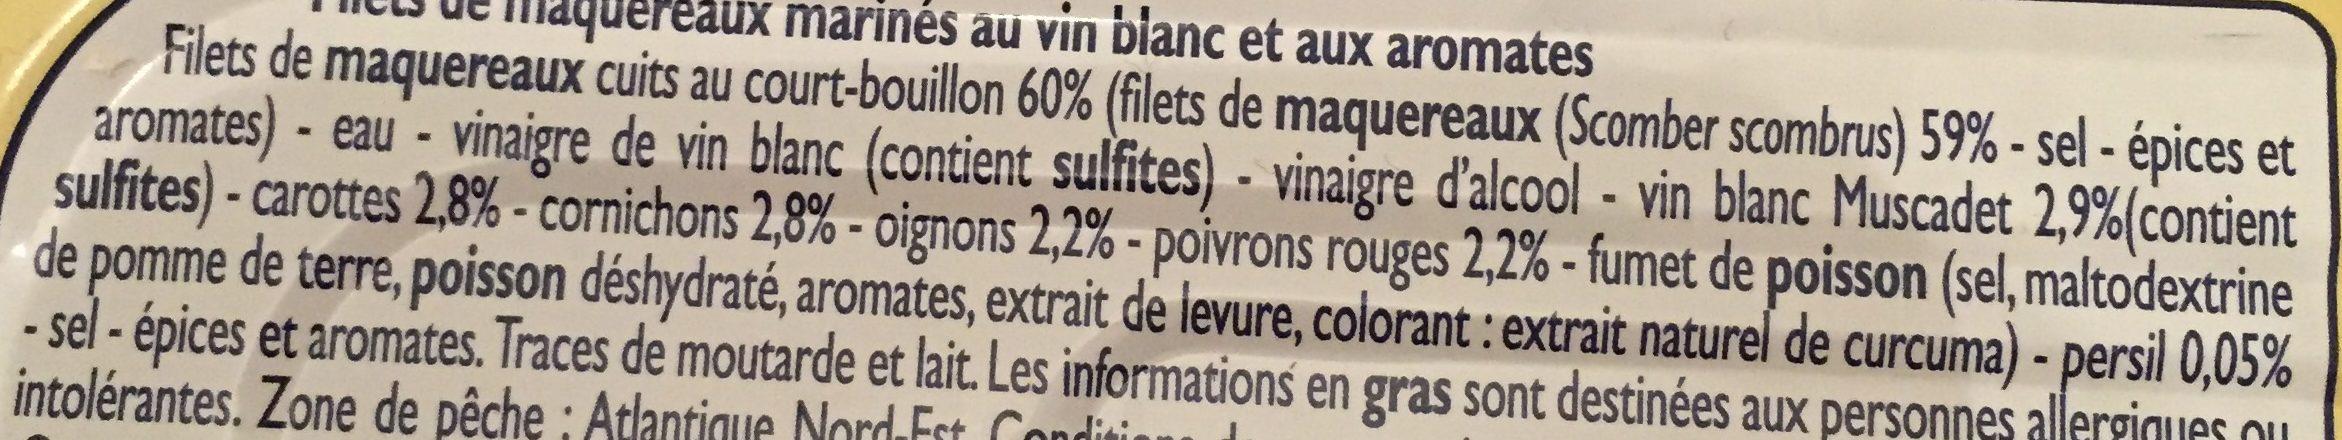 Filets de Maquereaux Marinés au Vin Blanc et aux Aromates - Ingrédients - fr